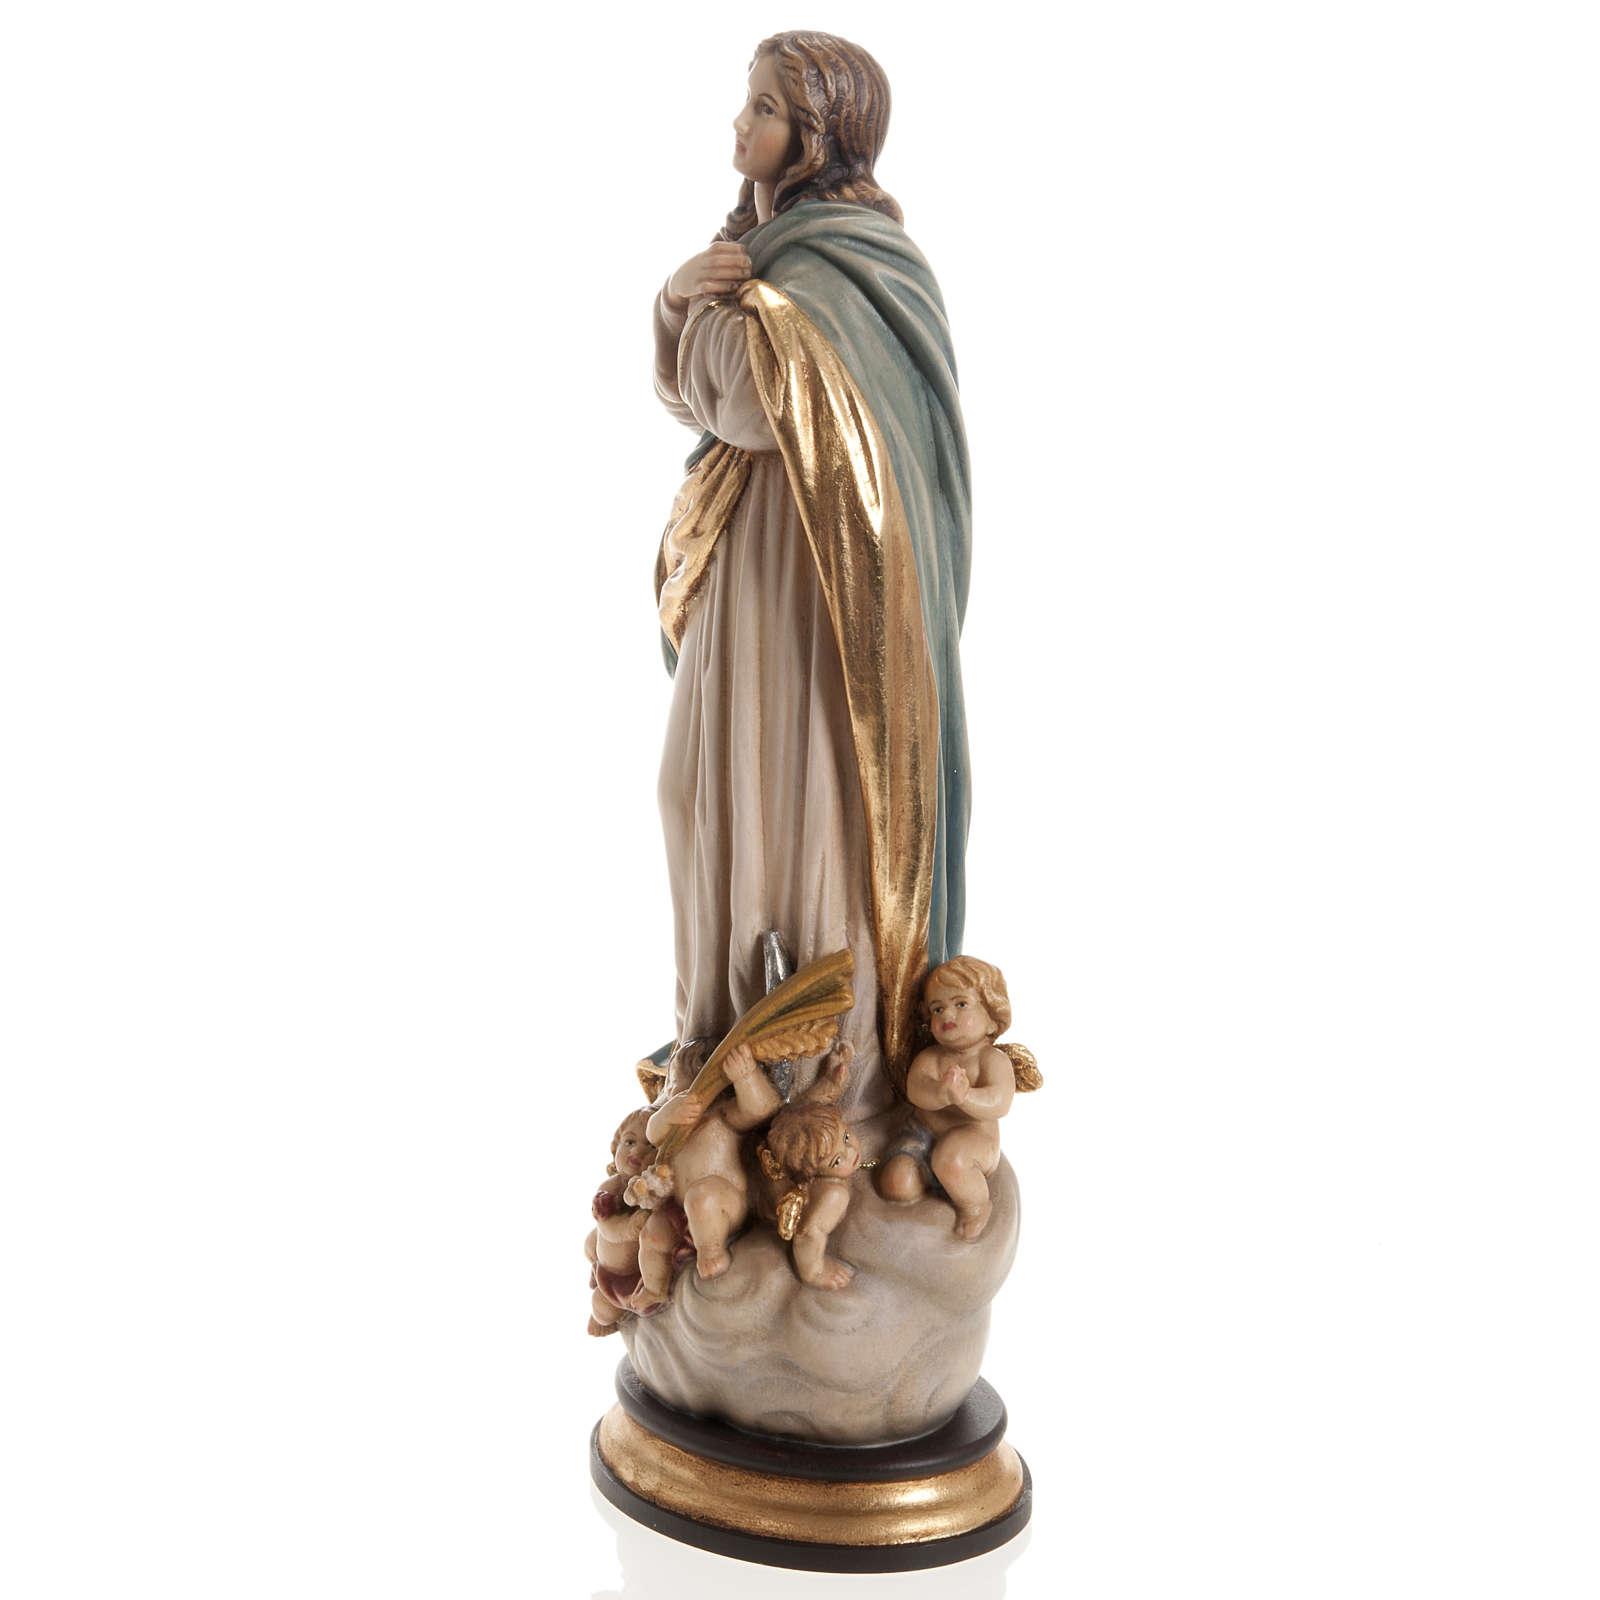 Niepokalane Poczęcie Murillo drewniana figurka 4